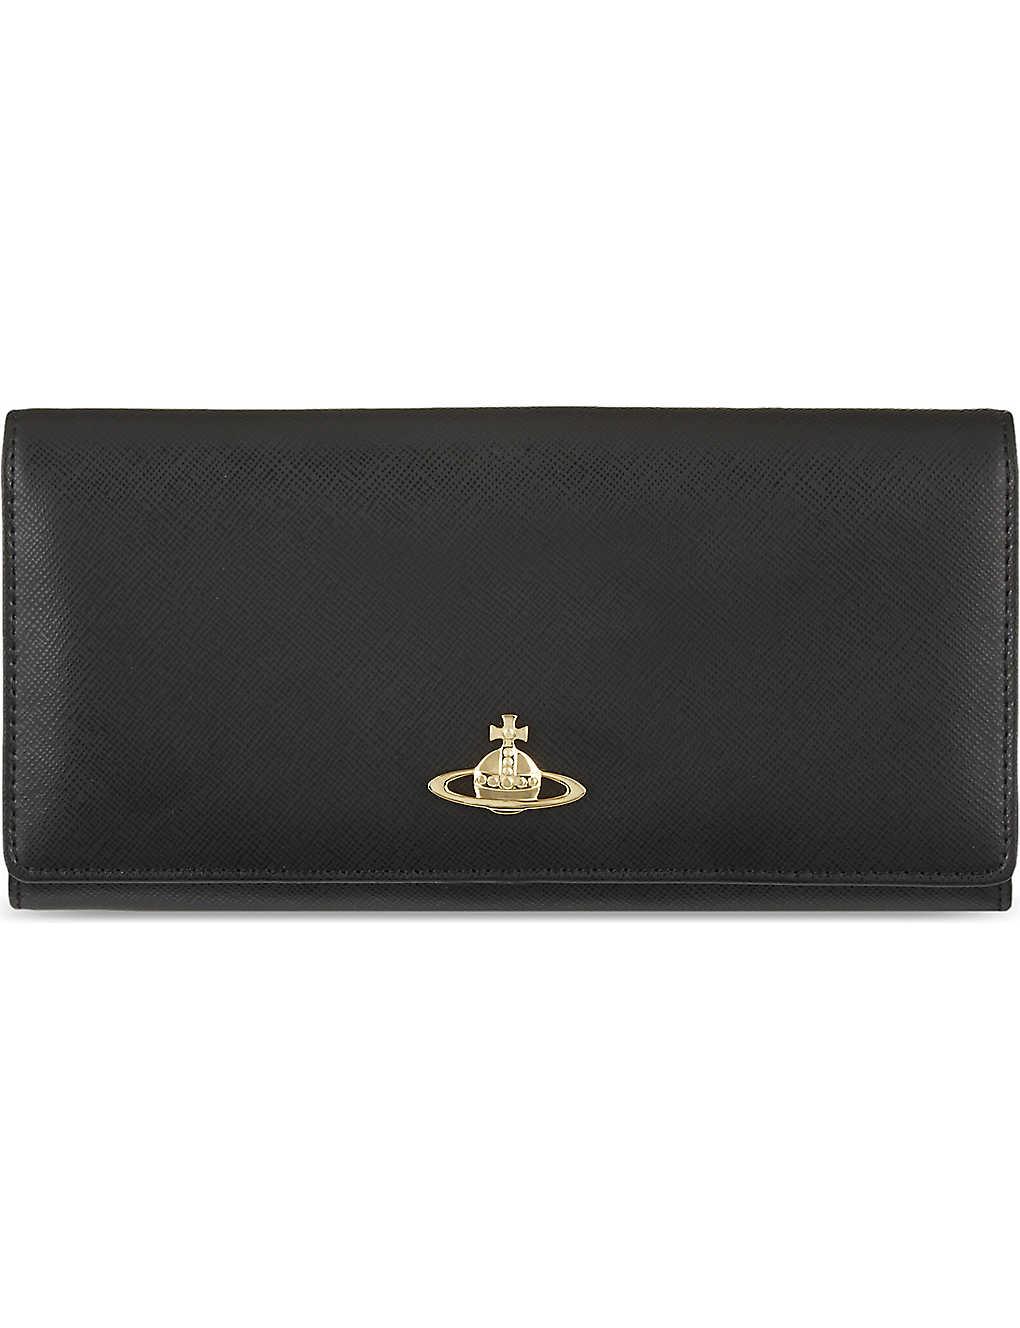 0790d406ea0 VIVIENNE WESTWOOD - Logo-embellished leather wallet | Selfridges.com